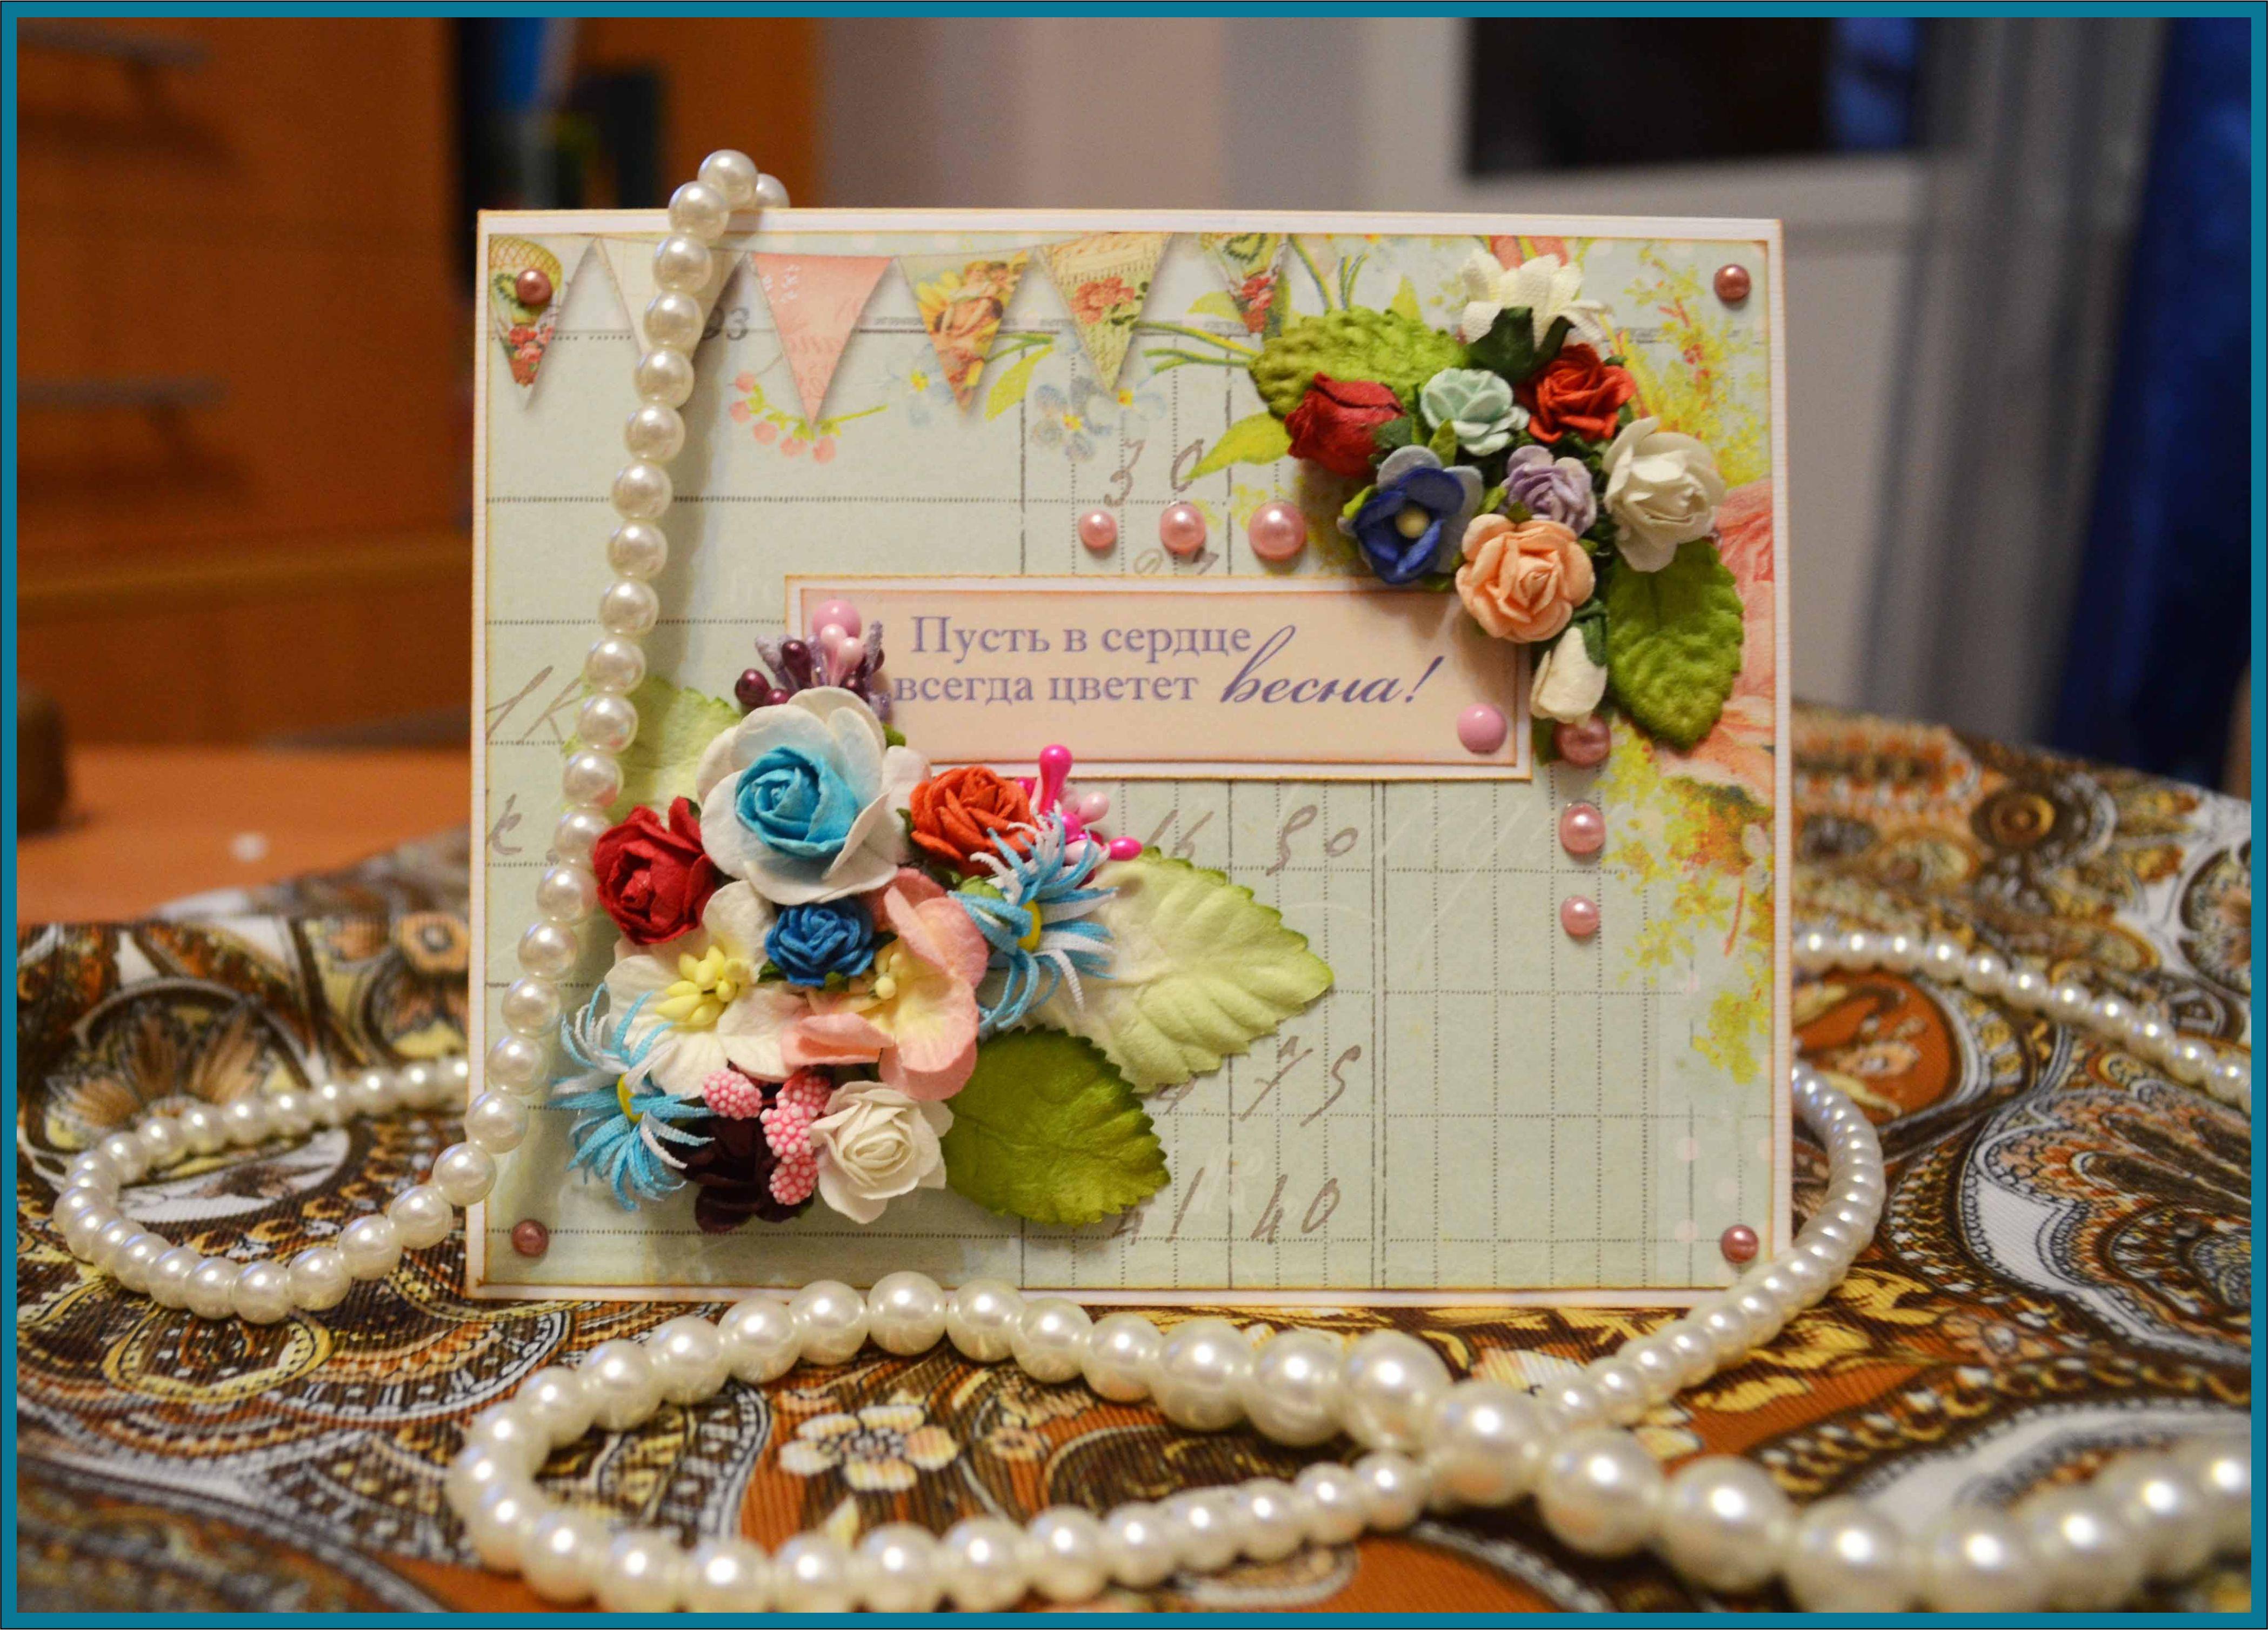 Как сделать открытку бабушке своими руками 17